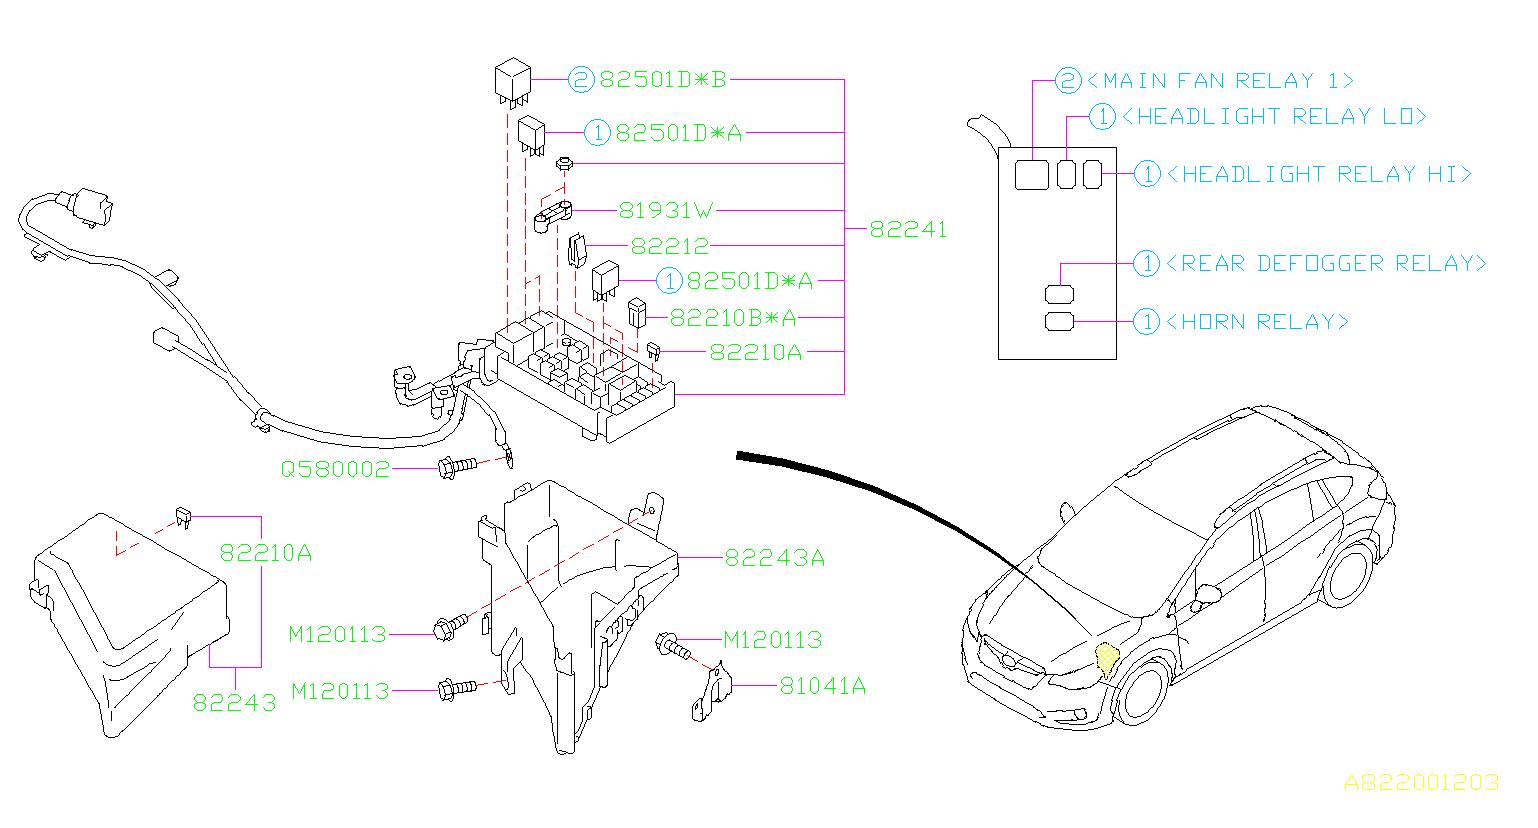 Subaru Crosstrek Accessory Power Relay  Box  Fuse  Main